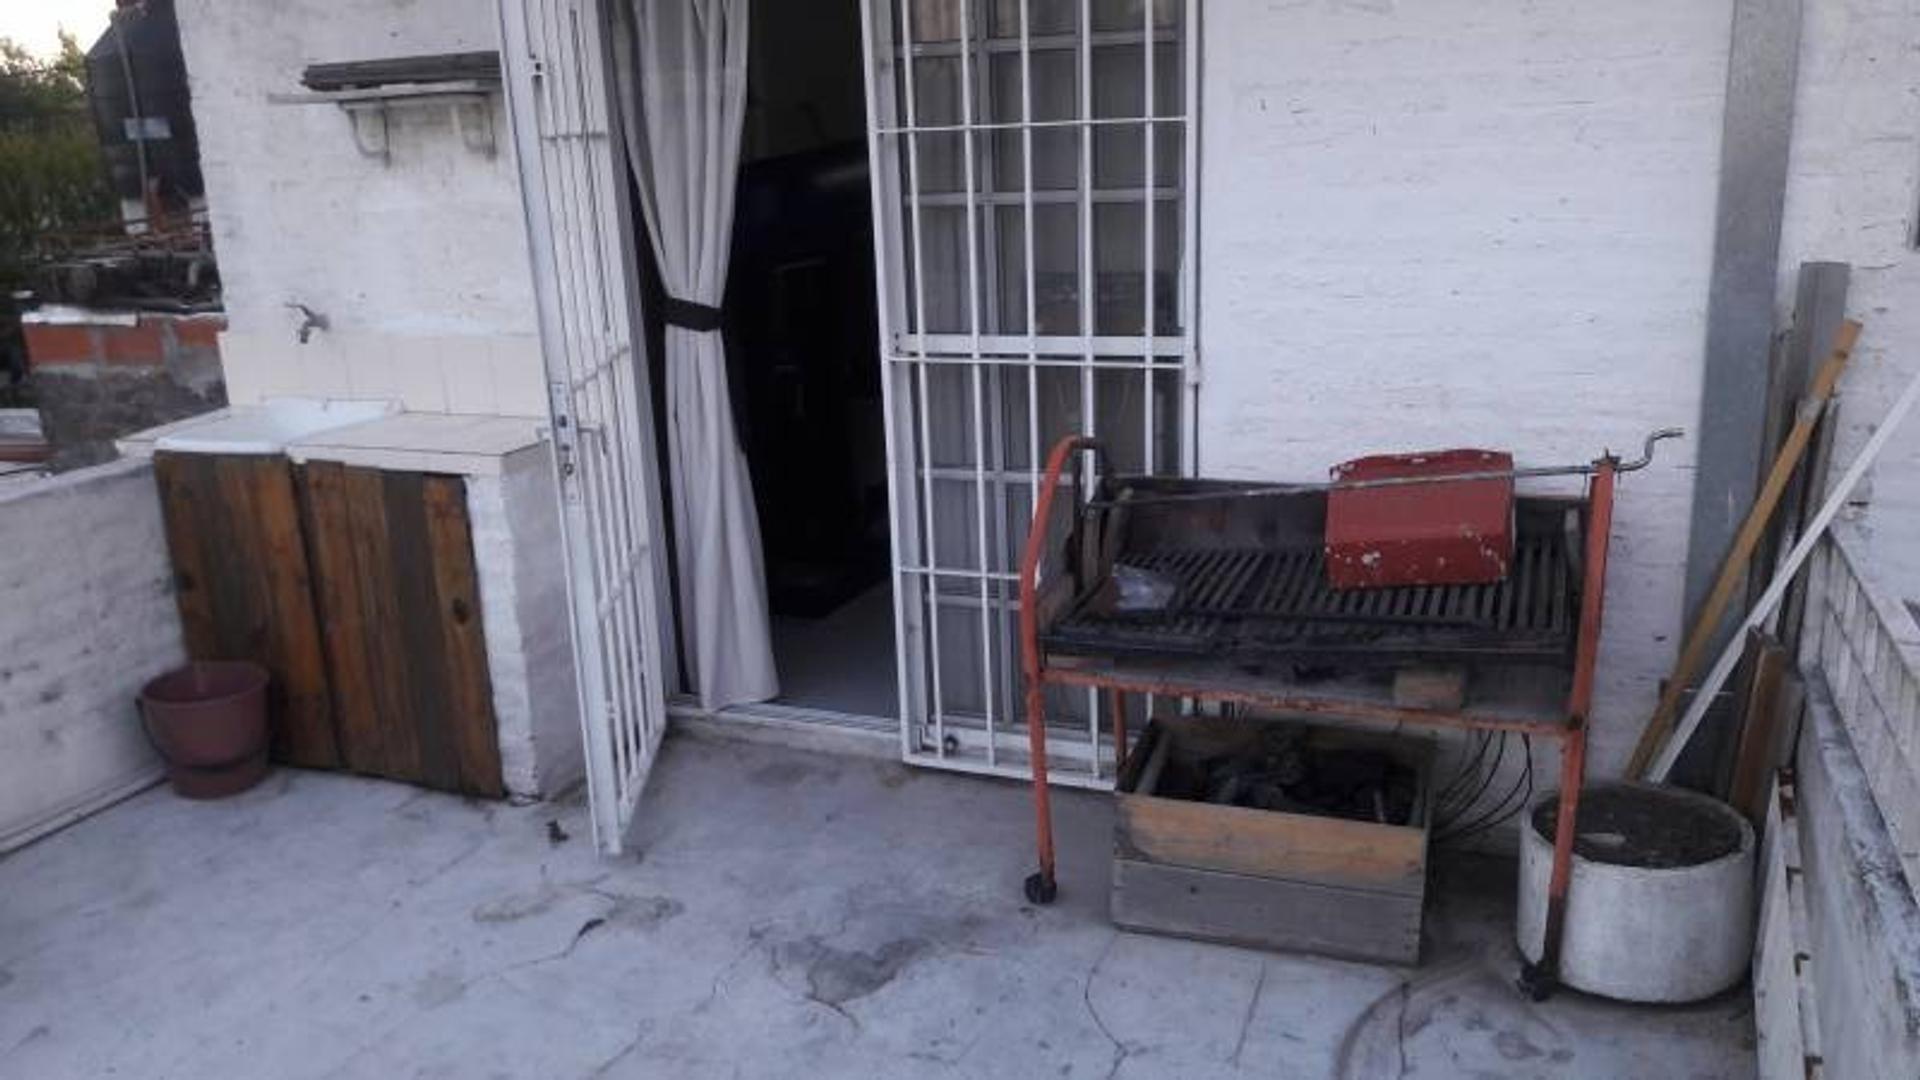 Venta de Casa en Calle Battaglia zona Pilar, Gran Bs.As., Argentina.